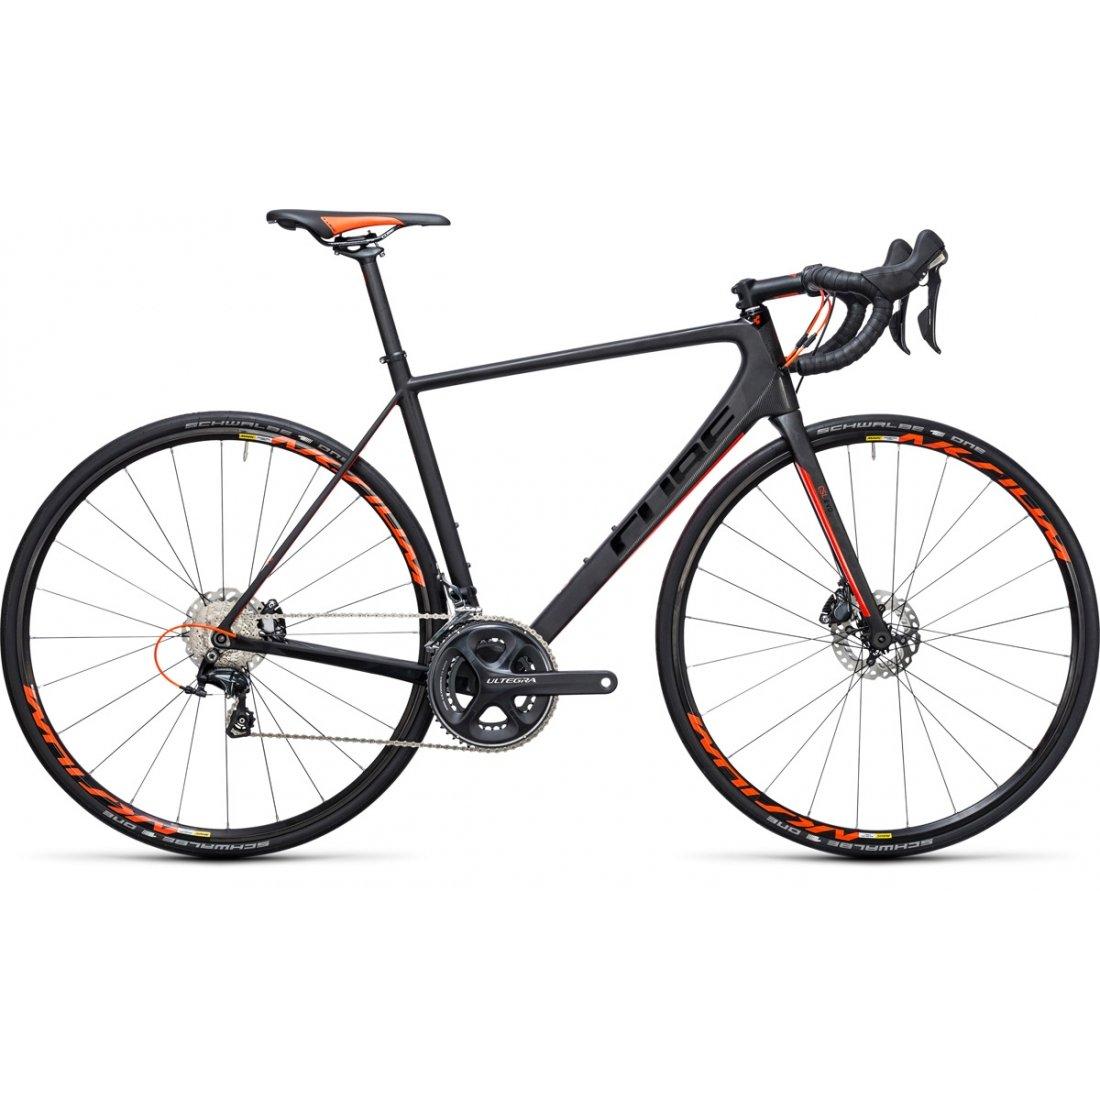 Cube Bicicleta de carretera litening C: 62 Disc carbon N ...